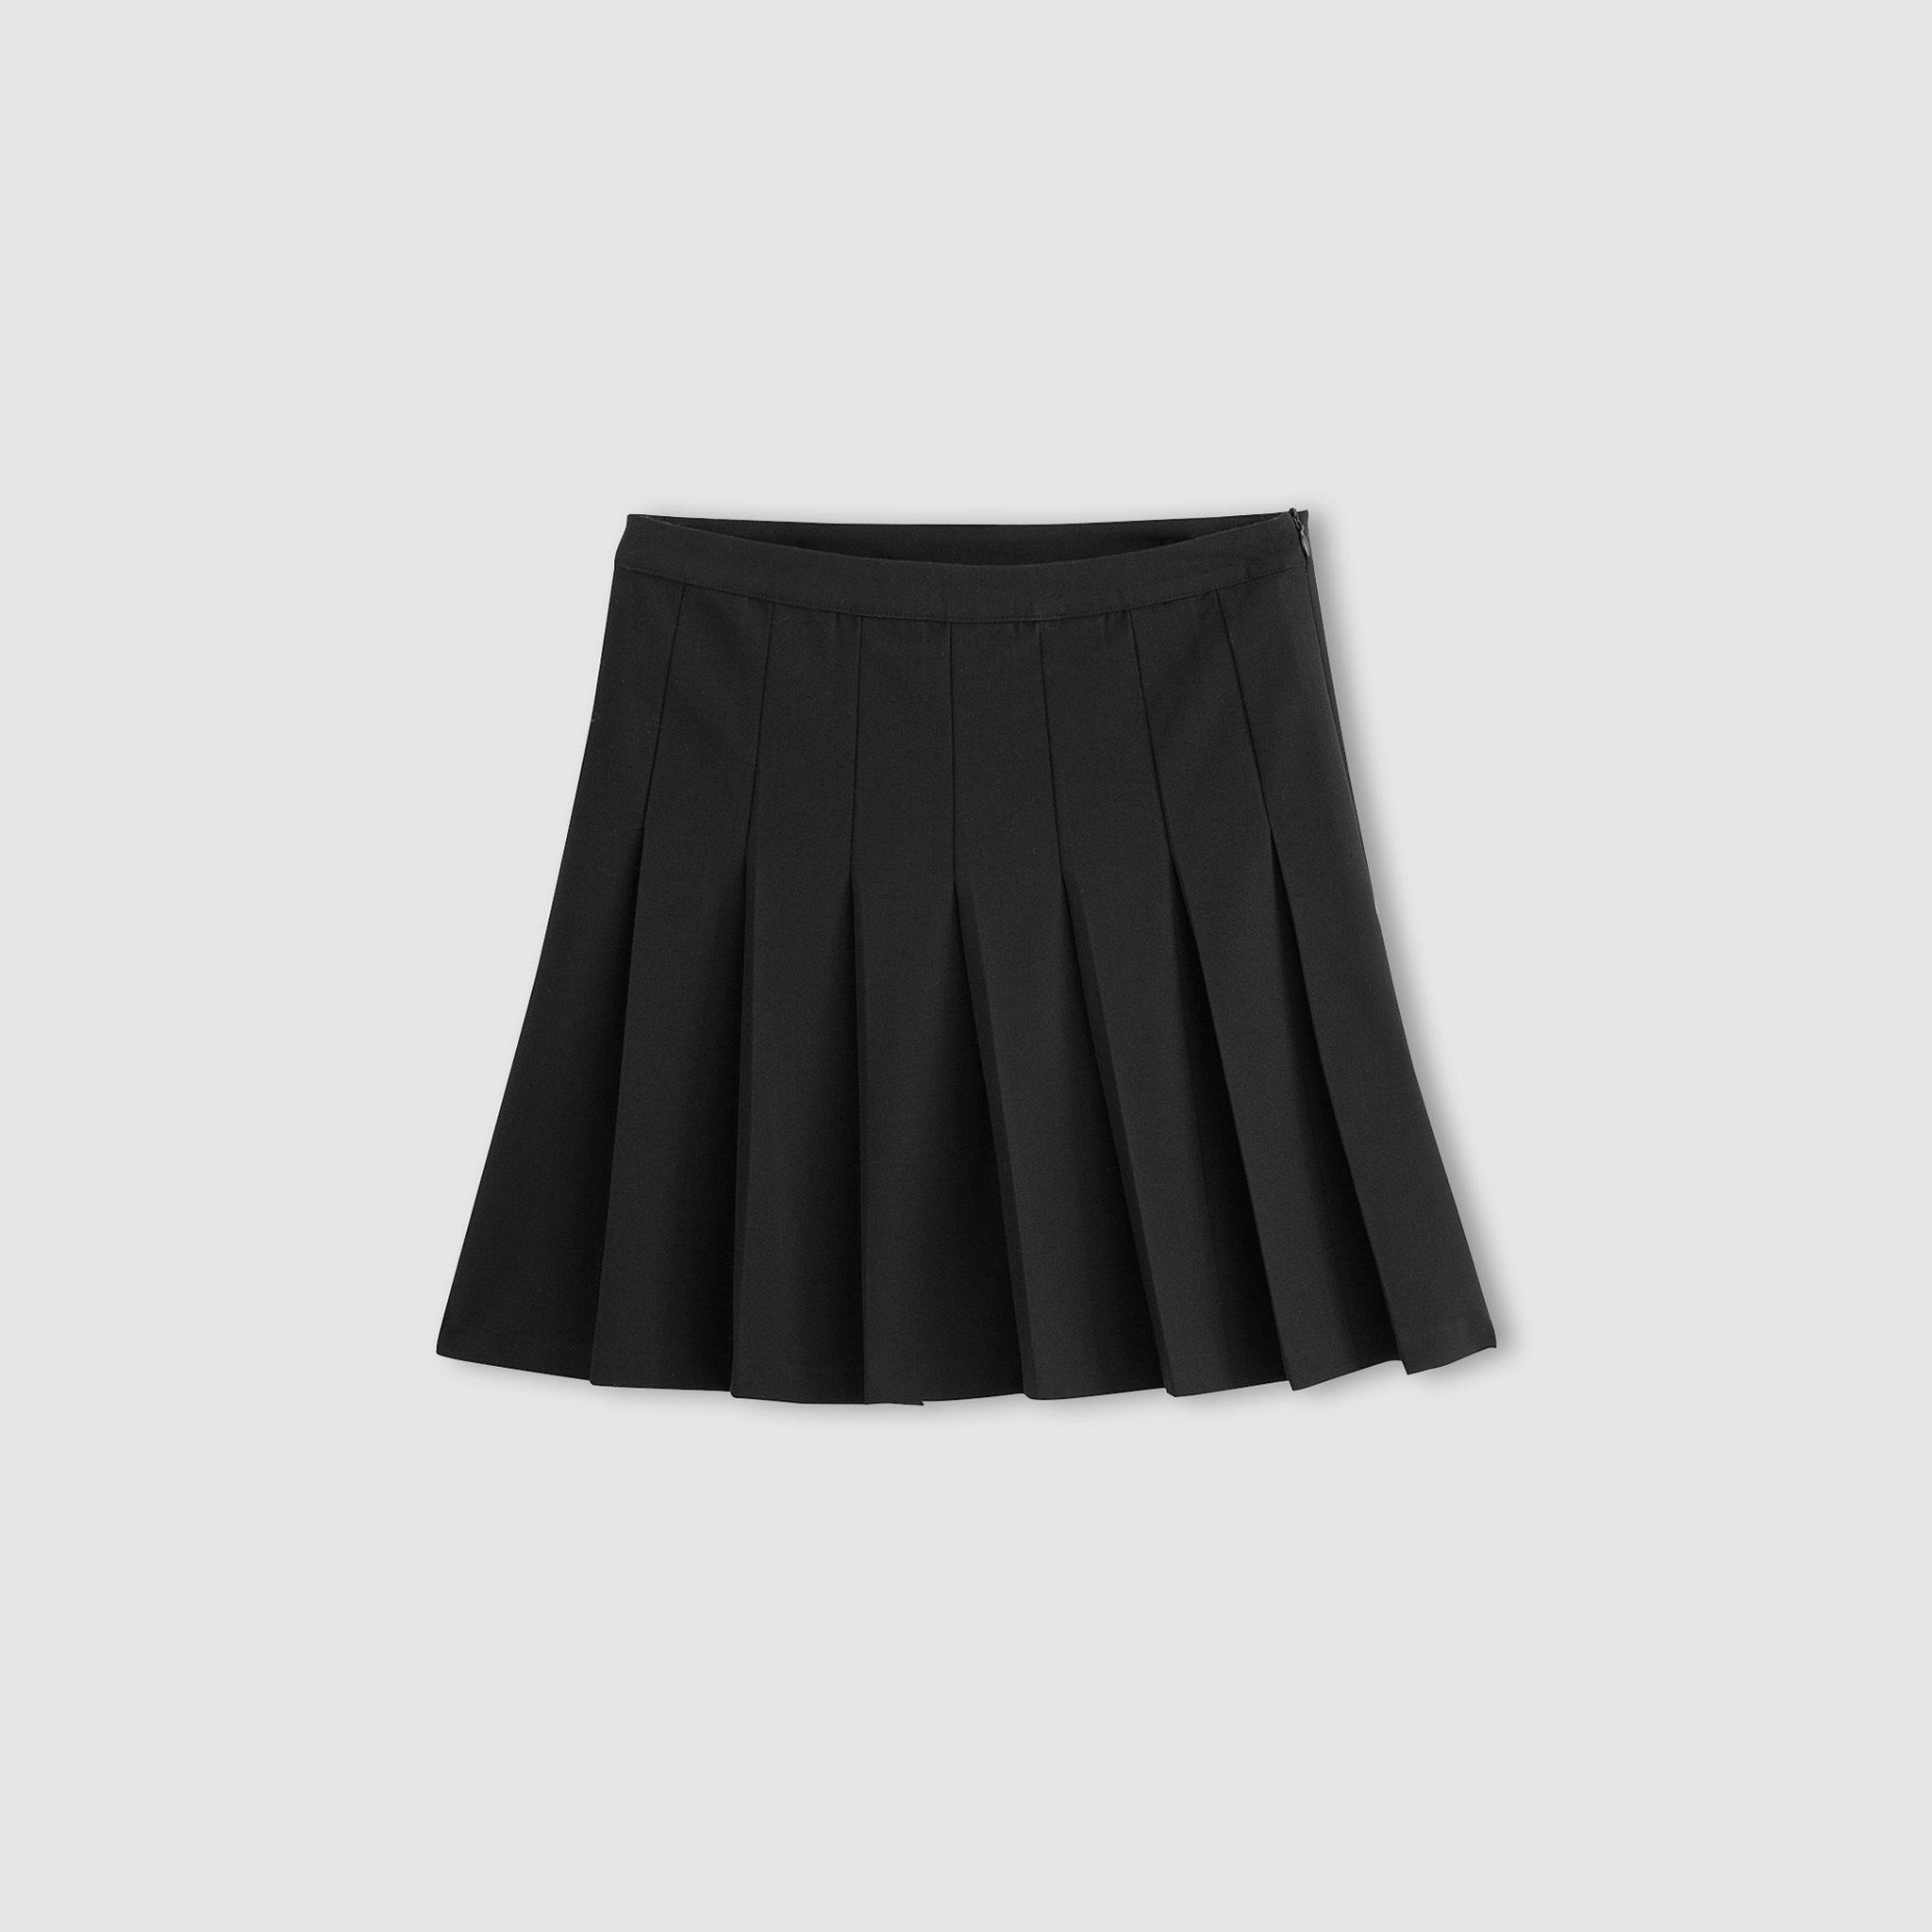 recogido disfrute del envío de cortesía amplia selección de diseños Recuperarás la minifalda tableada, Bianca Brandolini dixit ...